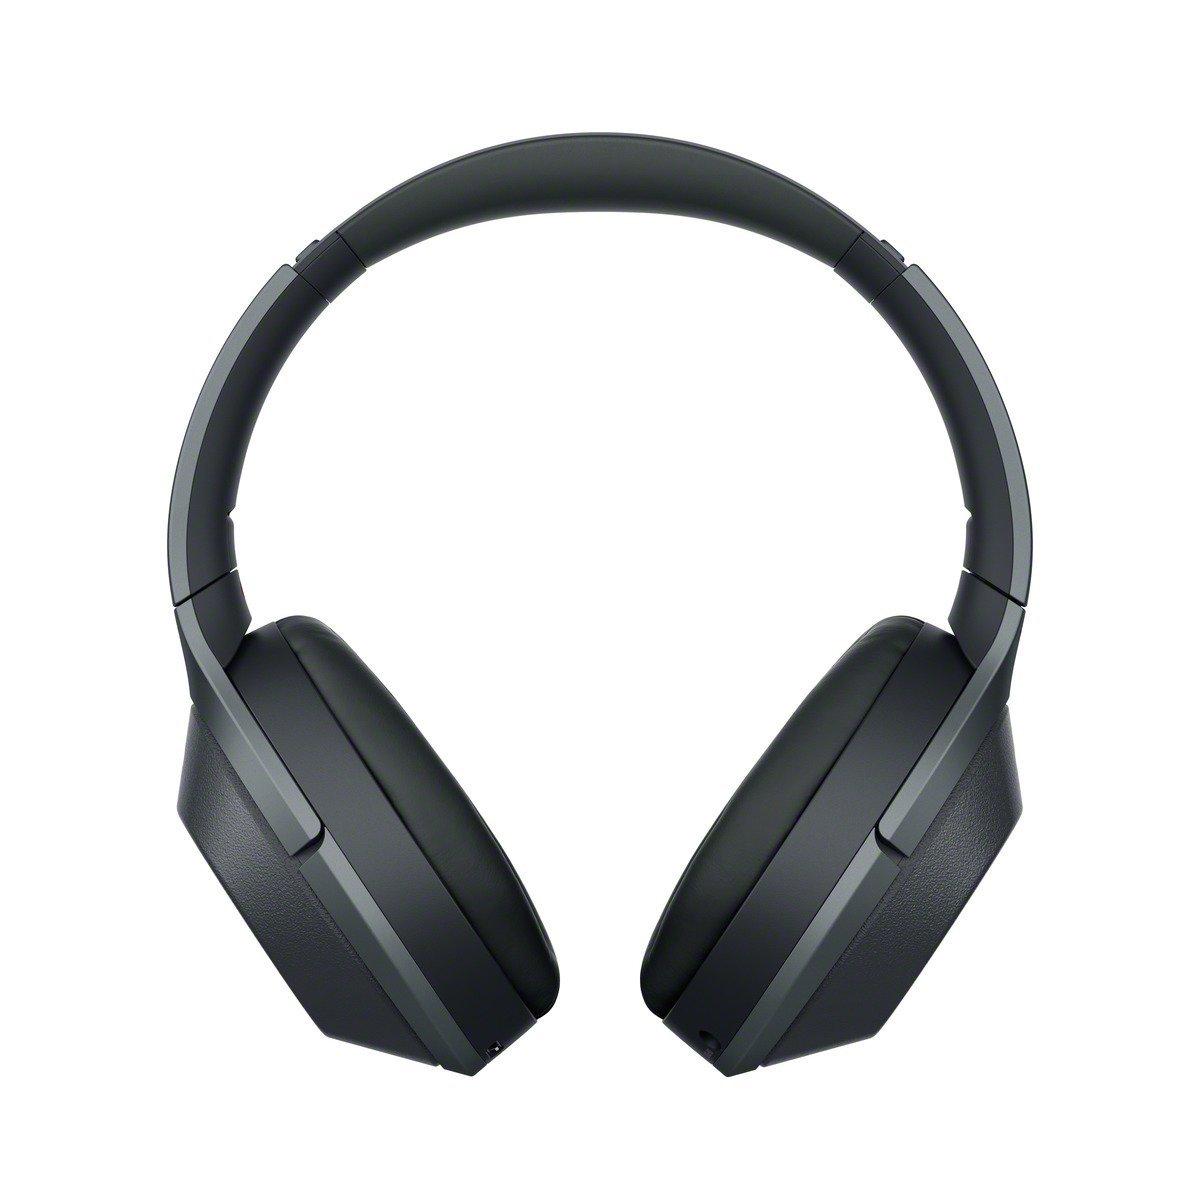 Sony WH-1000XM2 Draadloze Ruisonderdrukkend Koptelefoon - Zwart voor €290,94